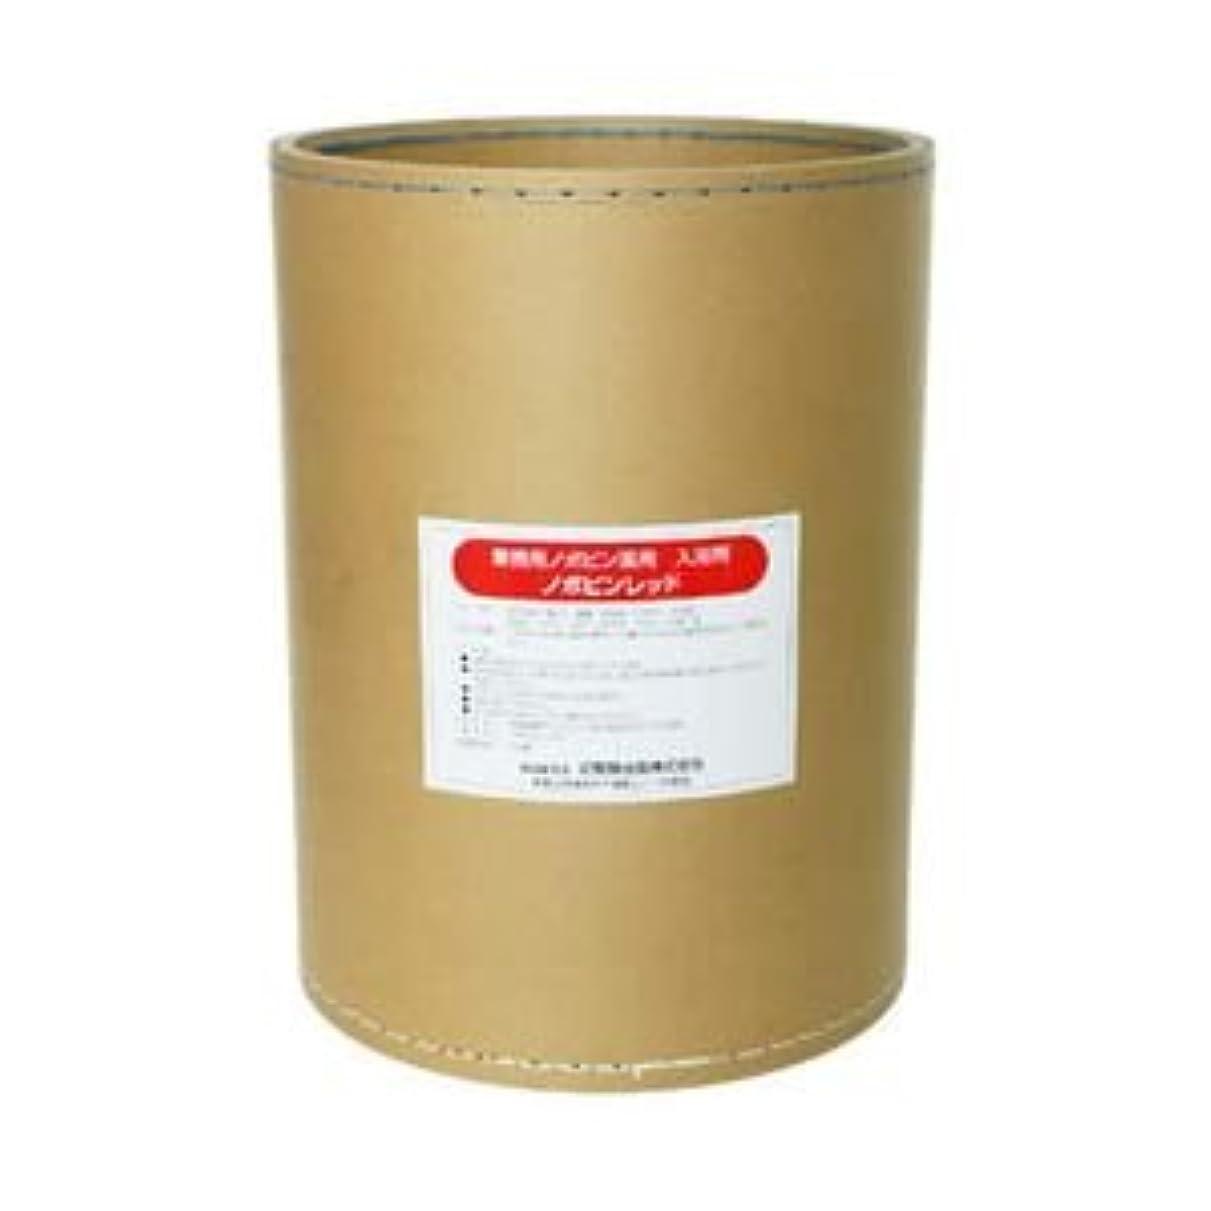 審判借りているコース業務用入浴剤 ノボピン レッド 18kg